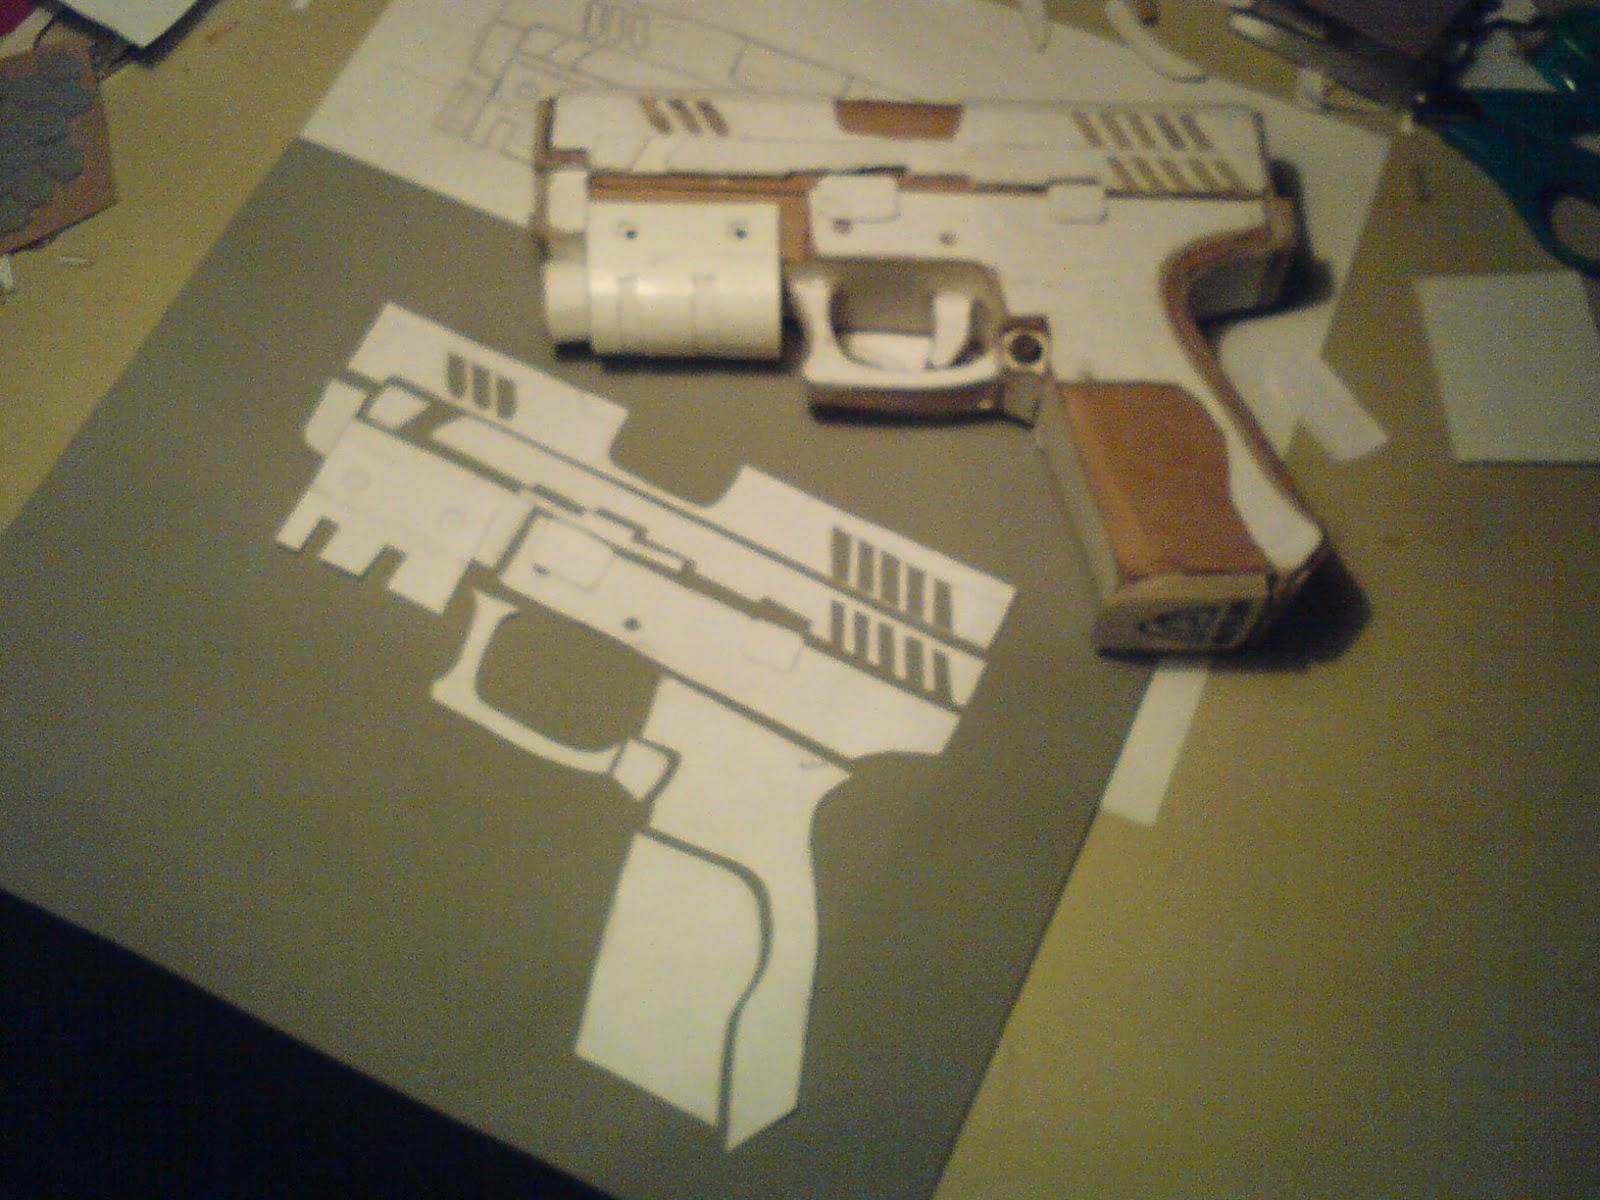 Pistola Blacktail - Resident Evil DSC04445